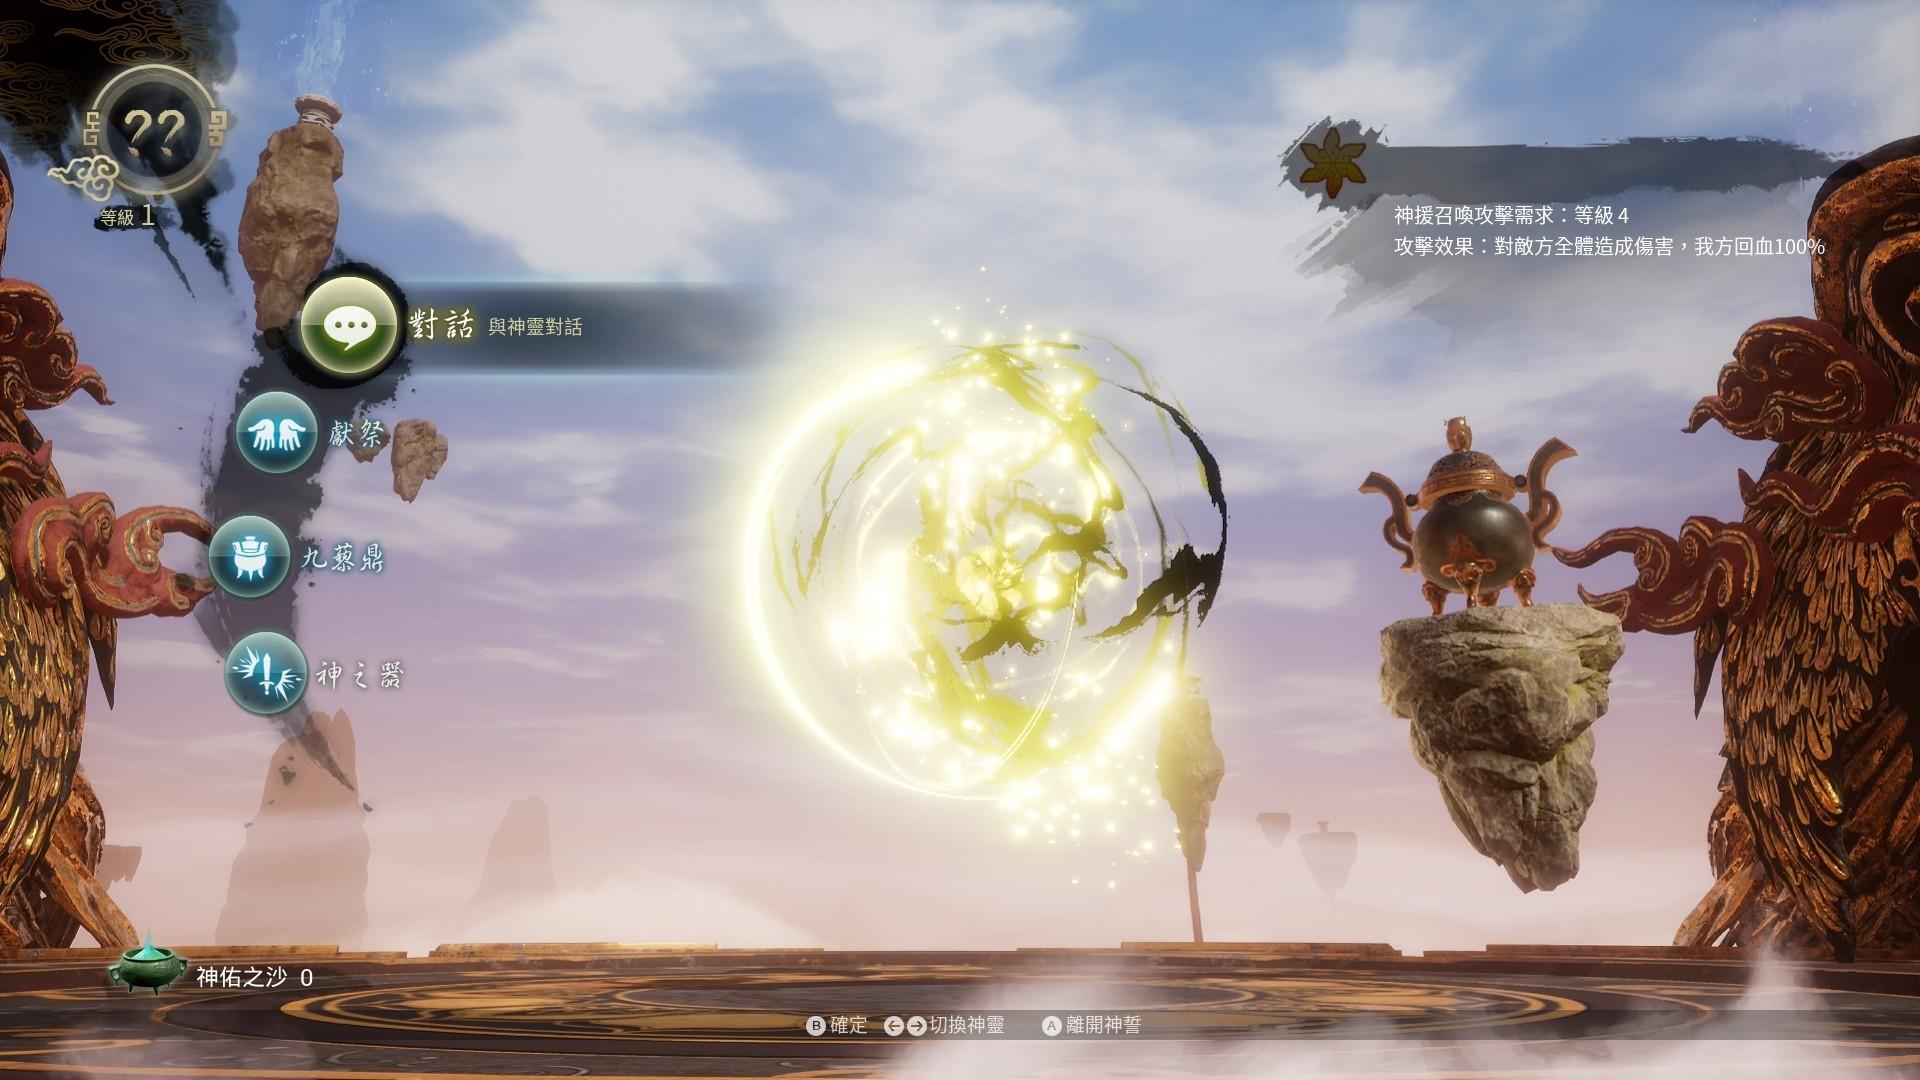 游戏《神舞幻想》带你在人神共舞的梦幻世界中游历一次 (13)